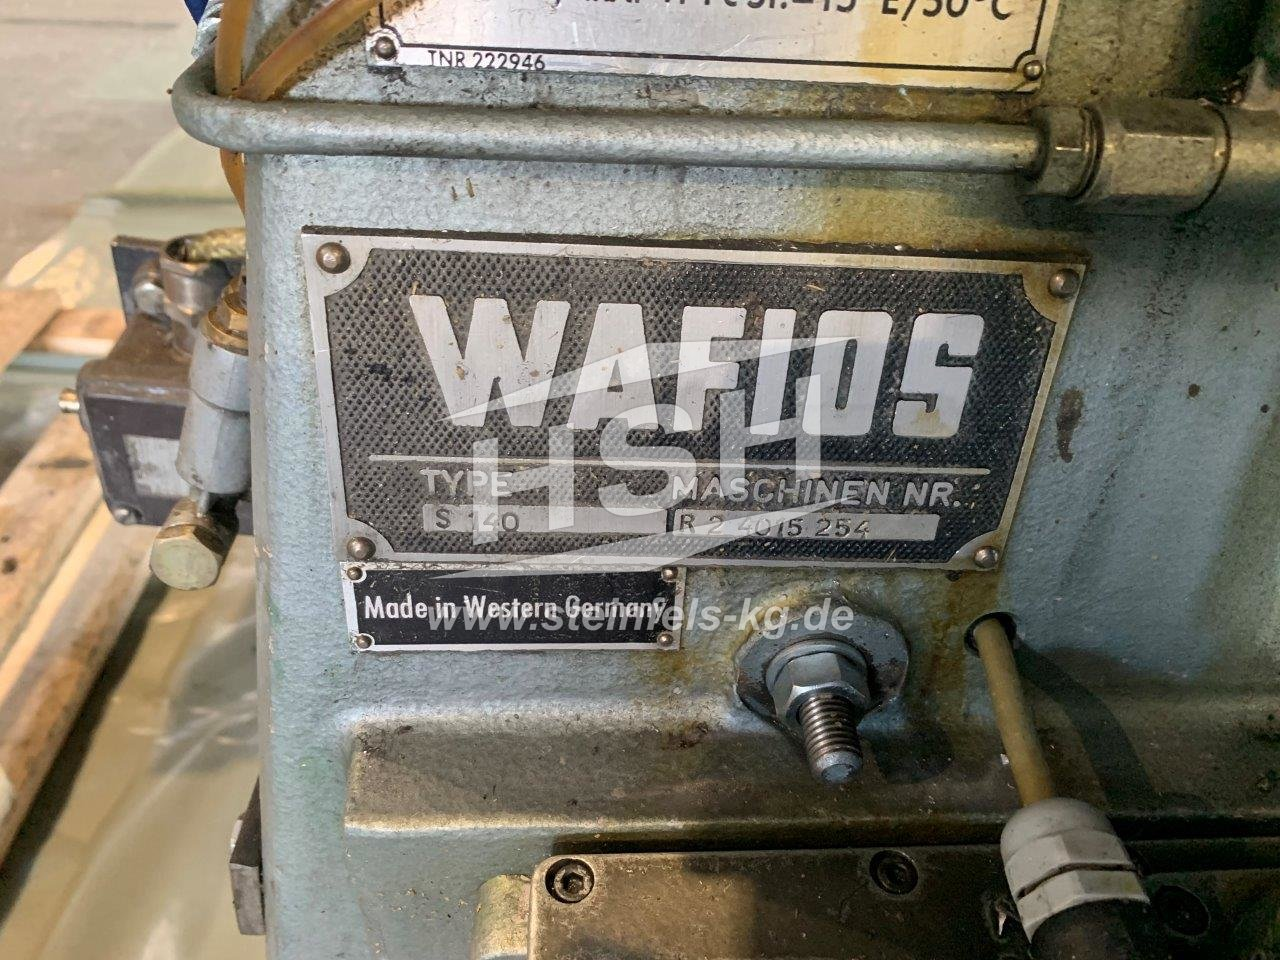 D12L/7634 – WAFIOS – S140 – 1979 – 3,1-4,6 mm